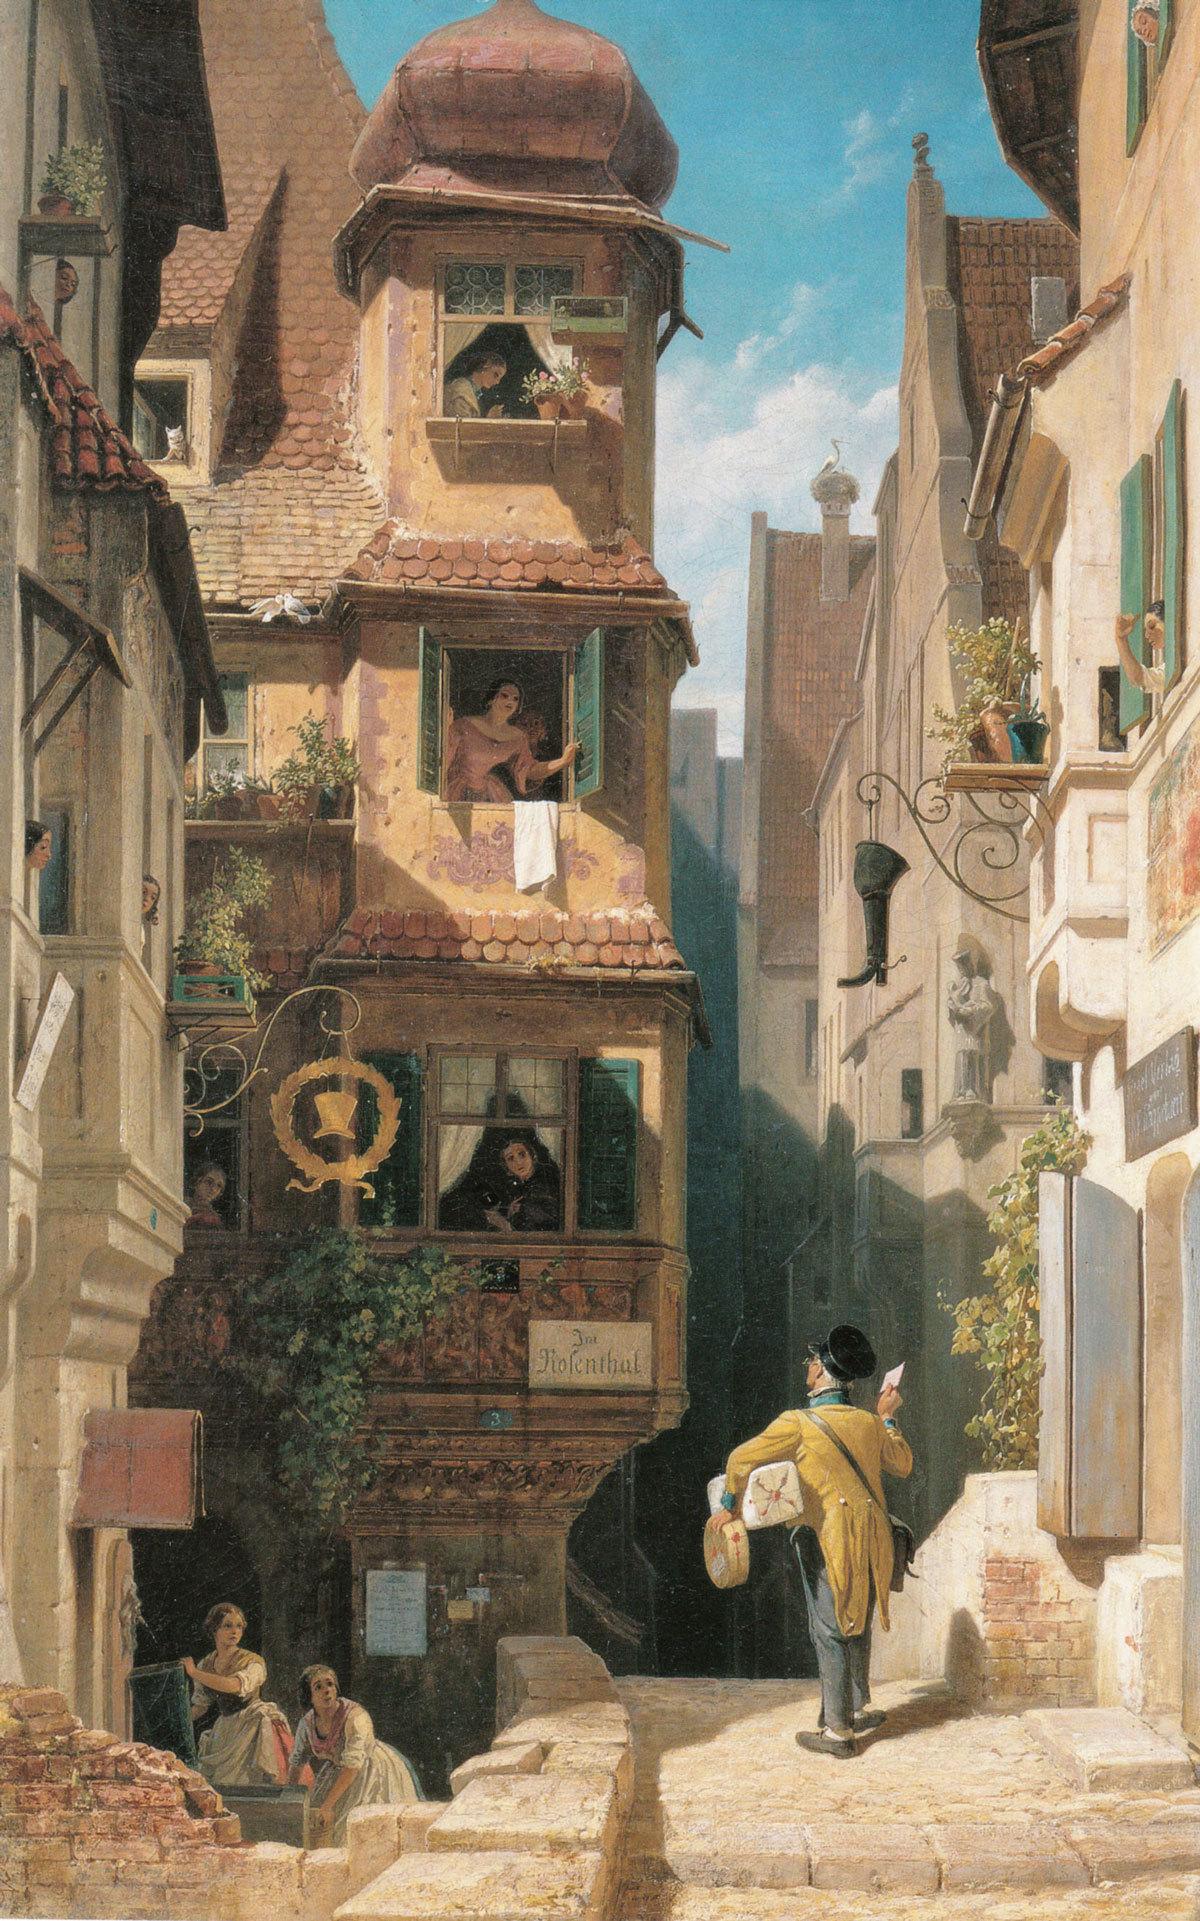 Carl Spitzweg - Der Briefbote im Rosenthal, 1858